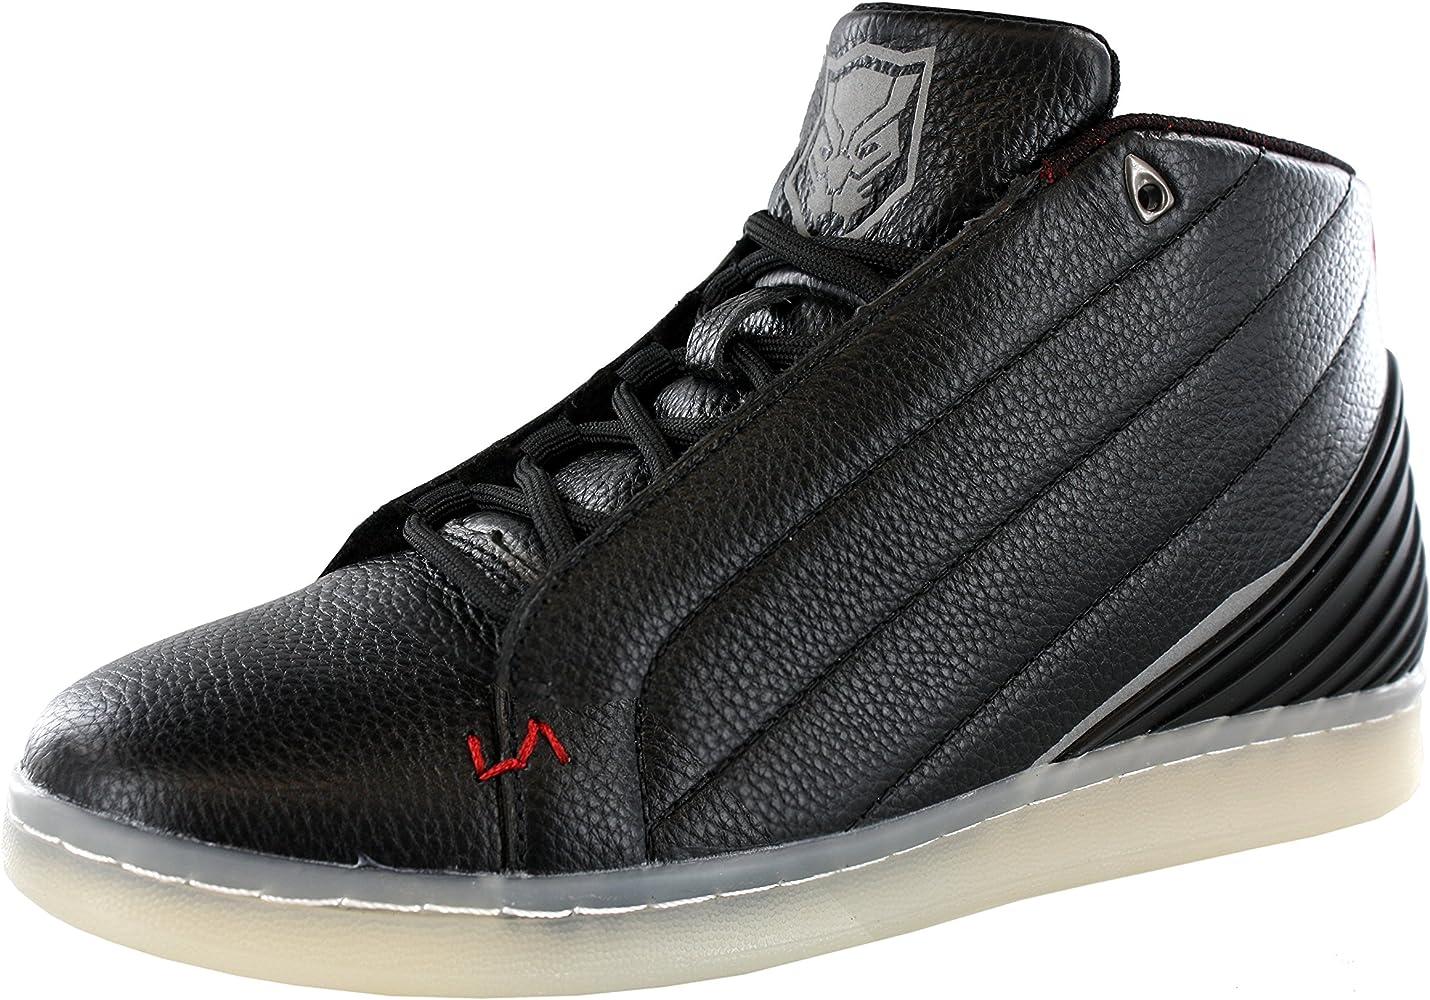 Marvel Black Panther Mid Skate Shoes